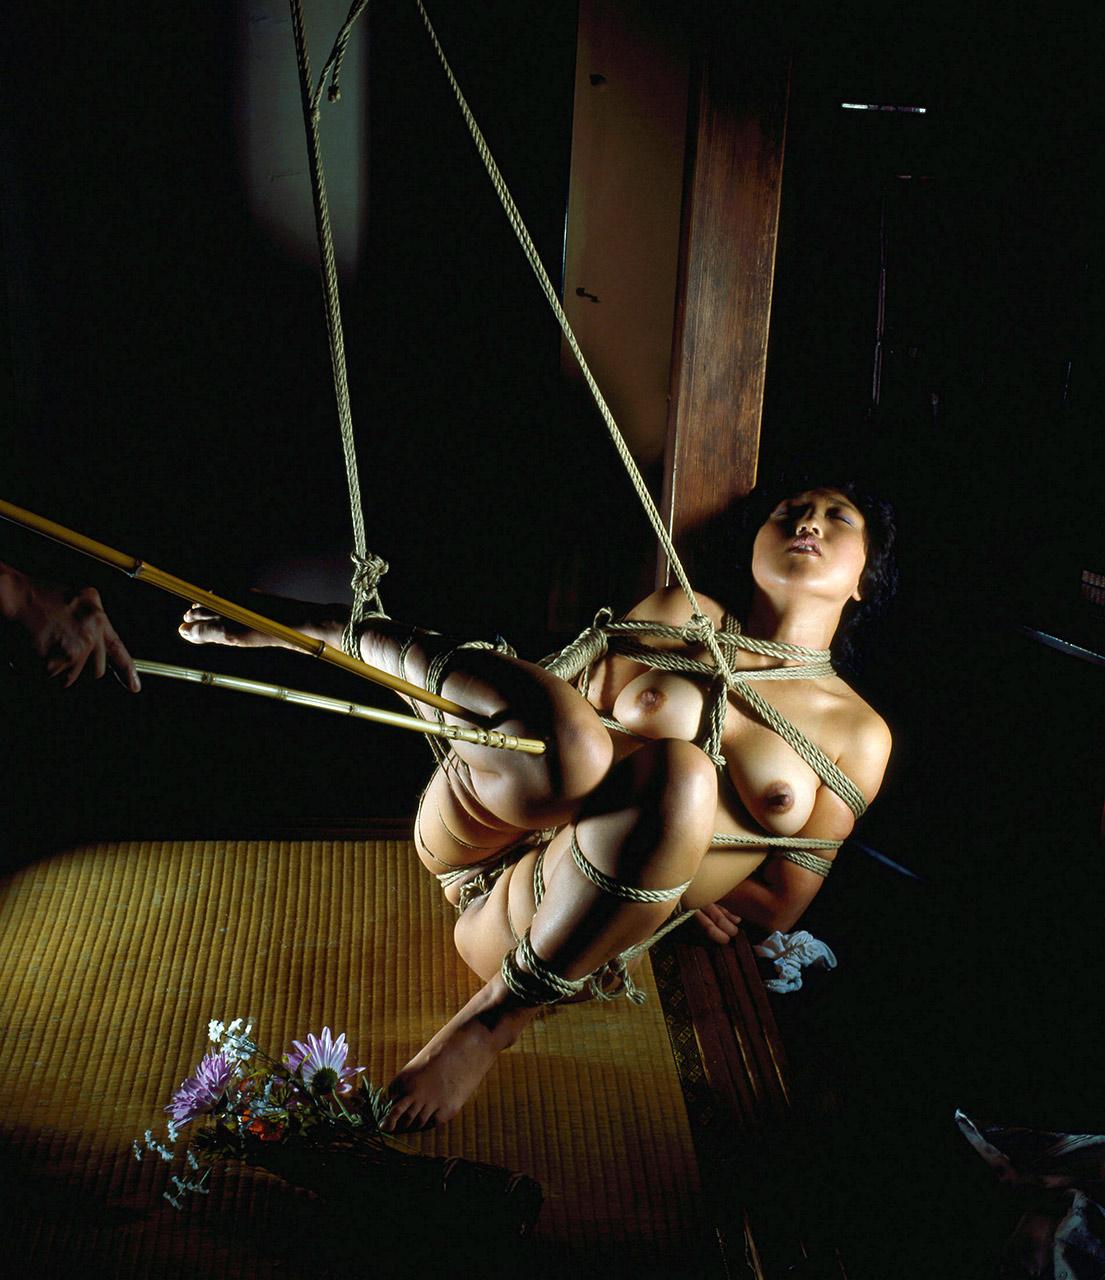 Asian Ropes 85